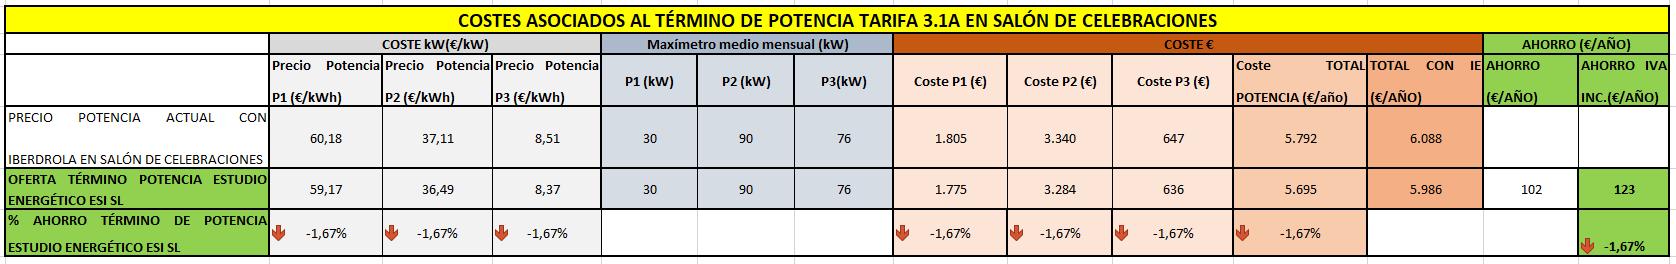 Costes asociados al término de potencia tarifa eléctrica 3.1A de salón de celebraciones